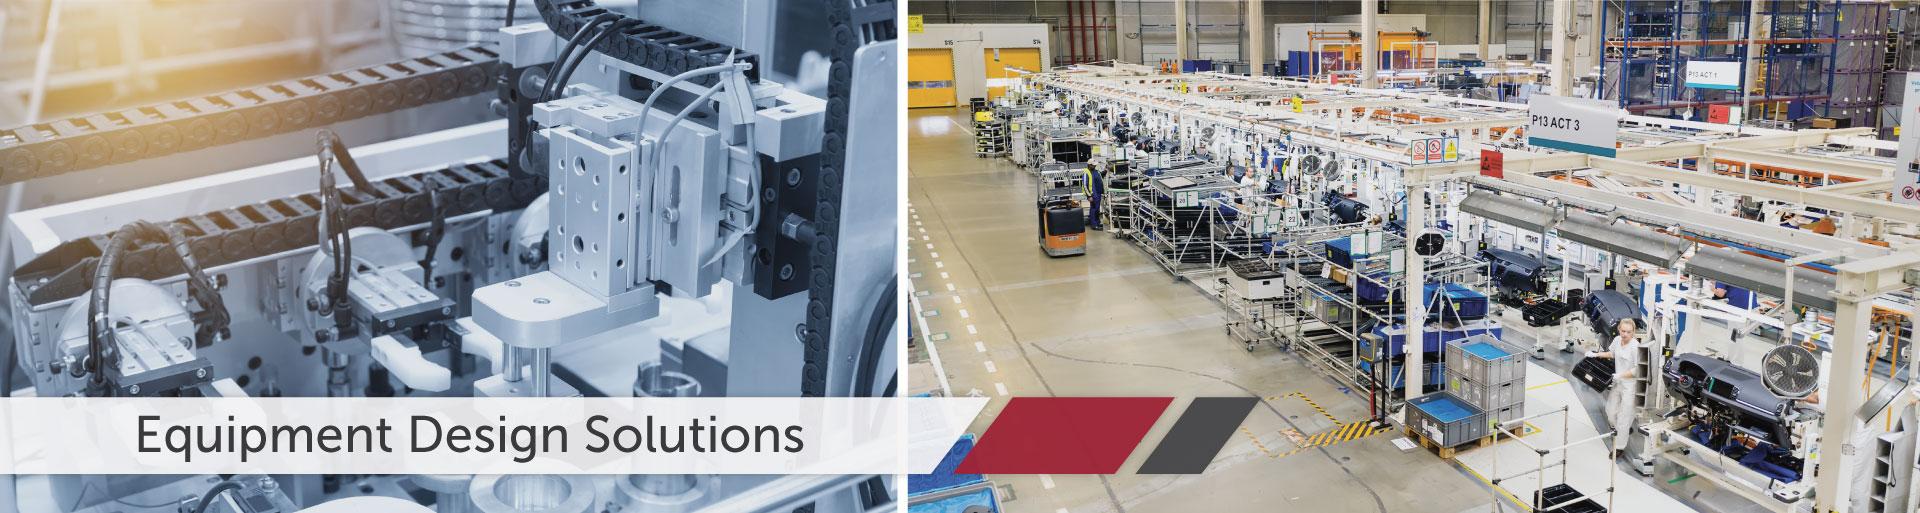 Equipment Design Solutions